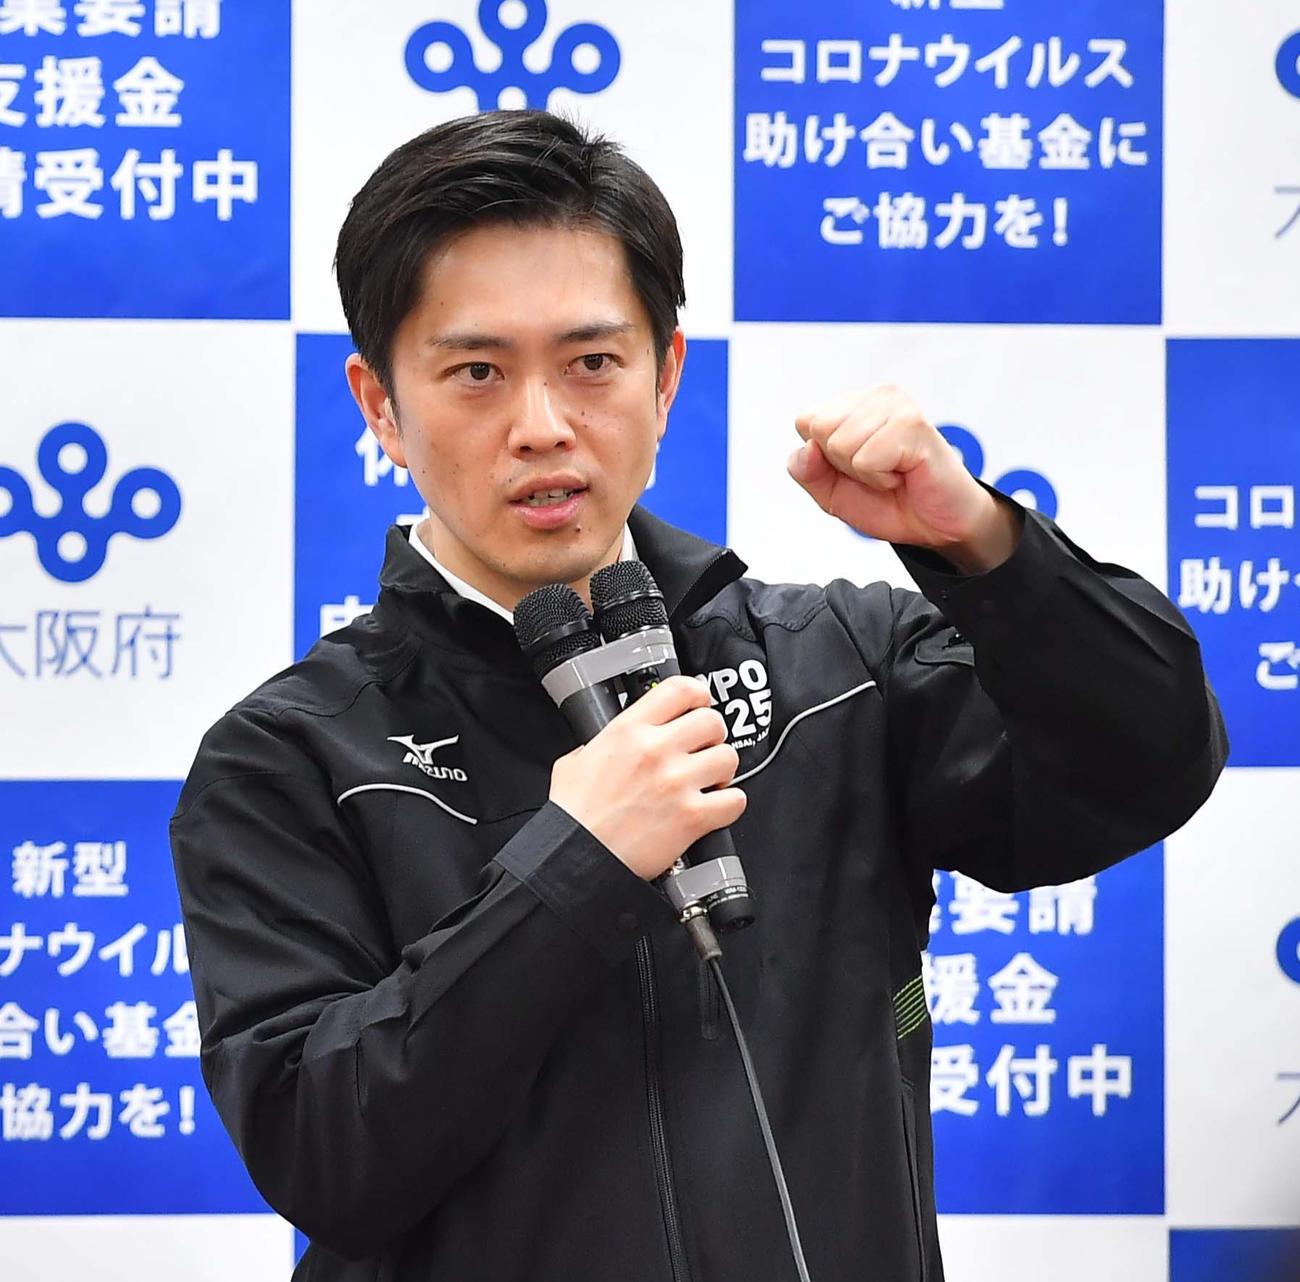 大阪府・吉村洋文知事(2020年5月21日撮影)